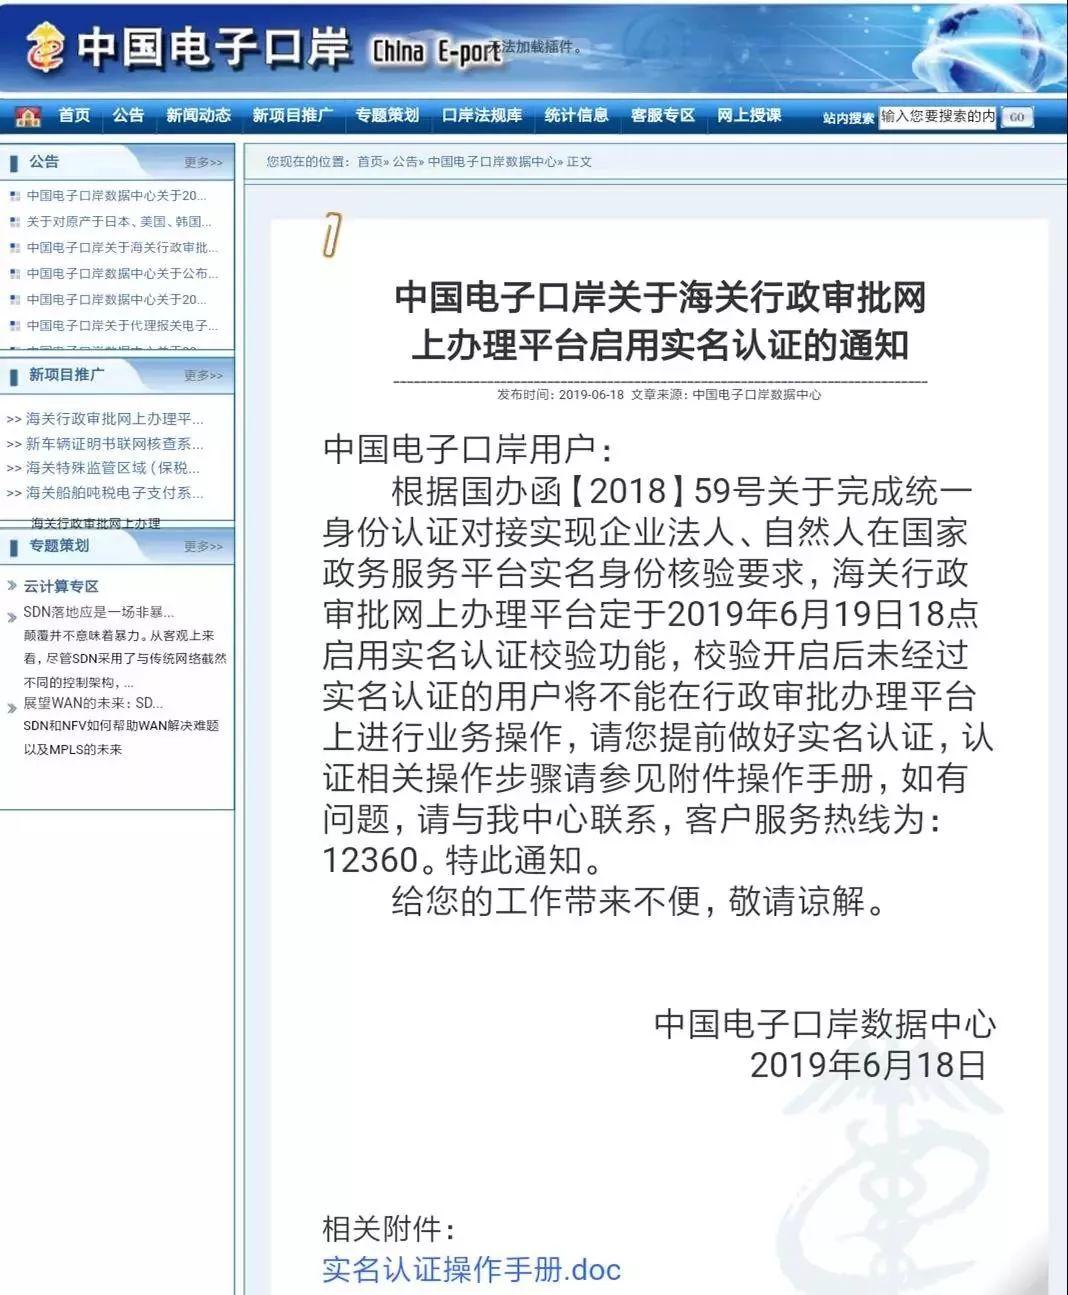 中国电子口岸